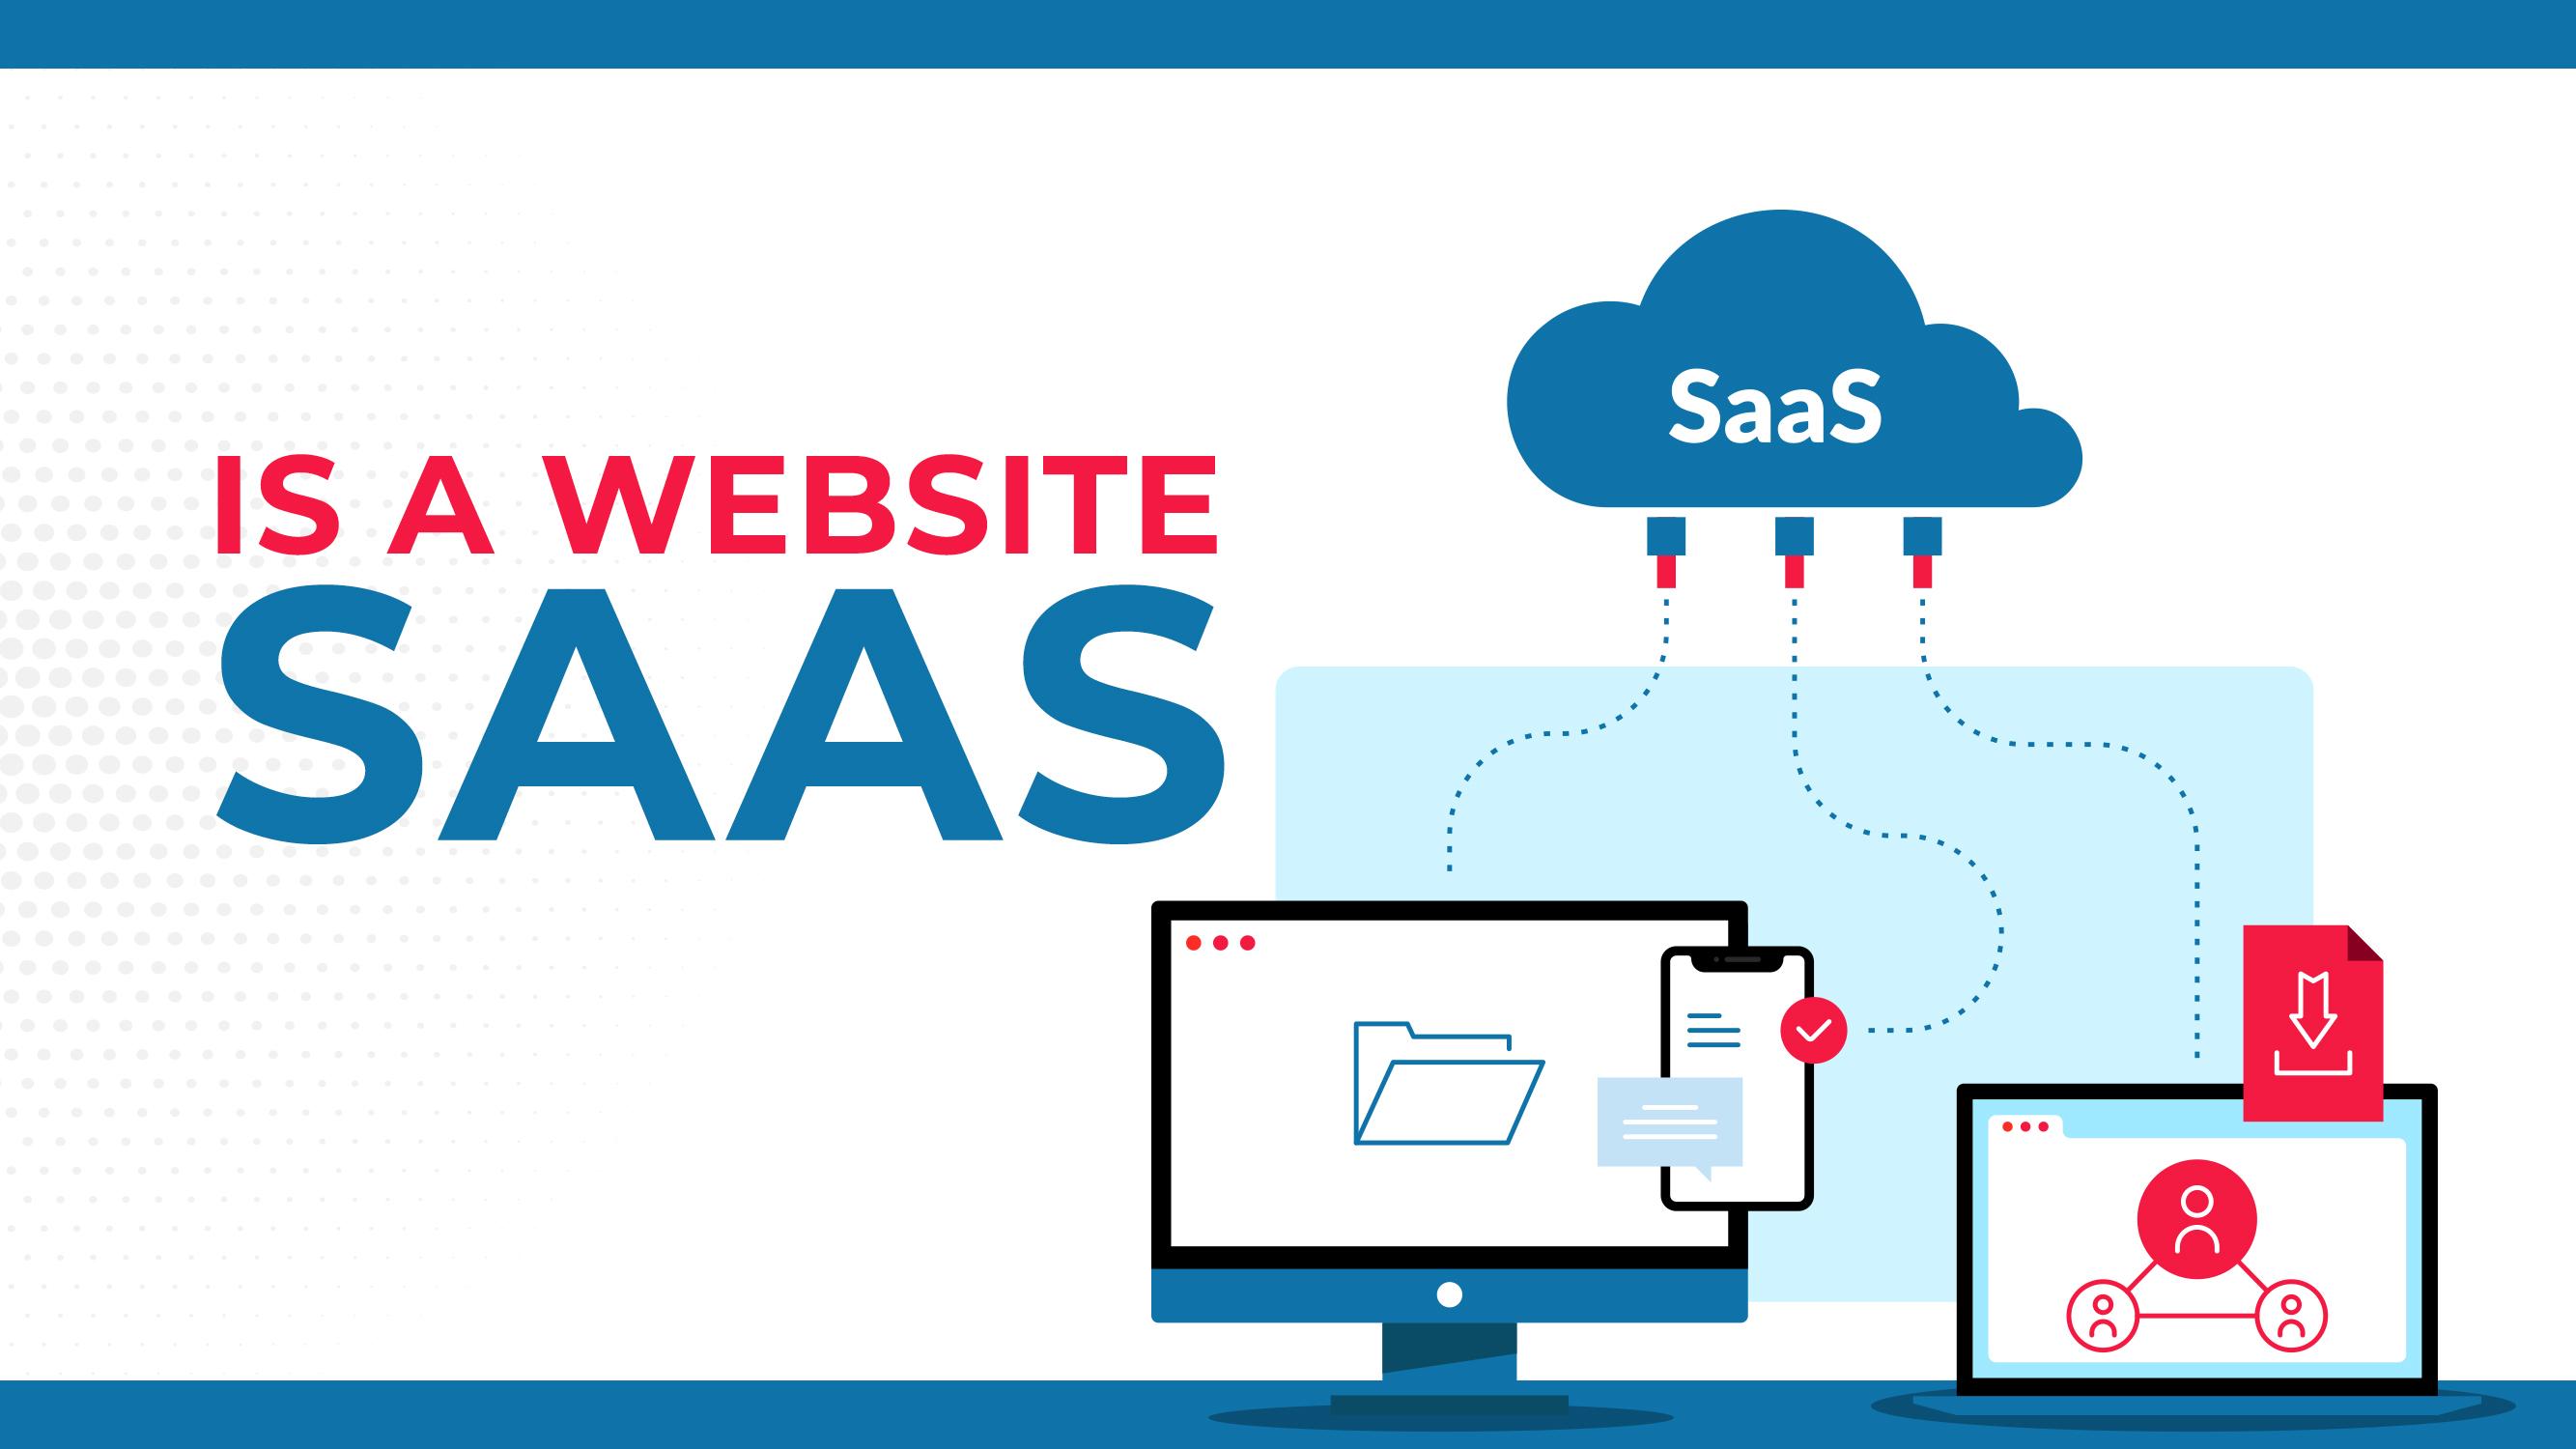 ¿Es un sitio web SAAS?